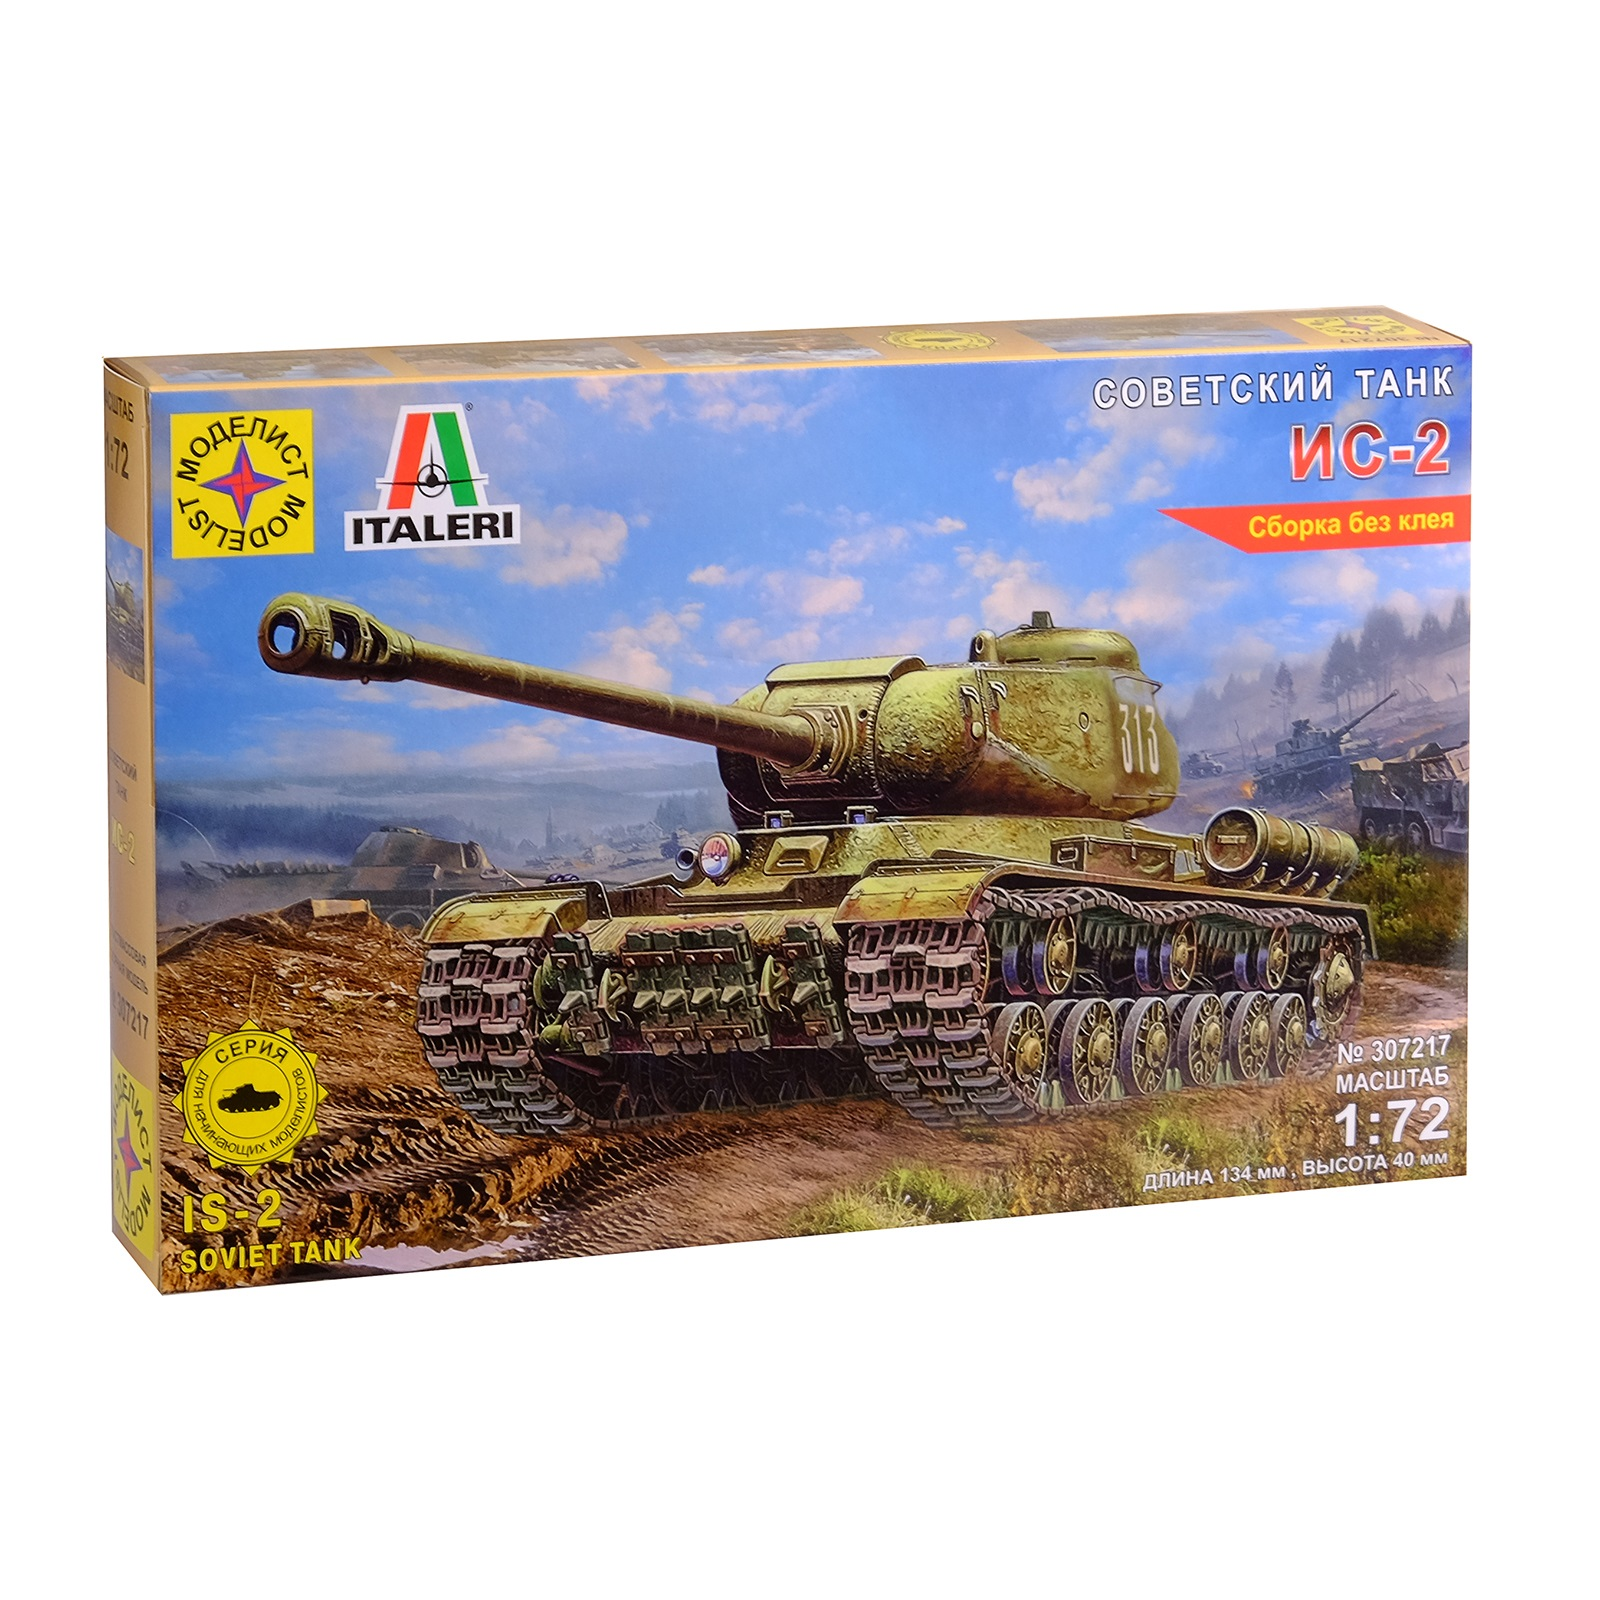 Сборная модель Советский танк ИС-2  (1:72)